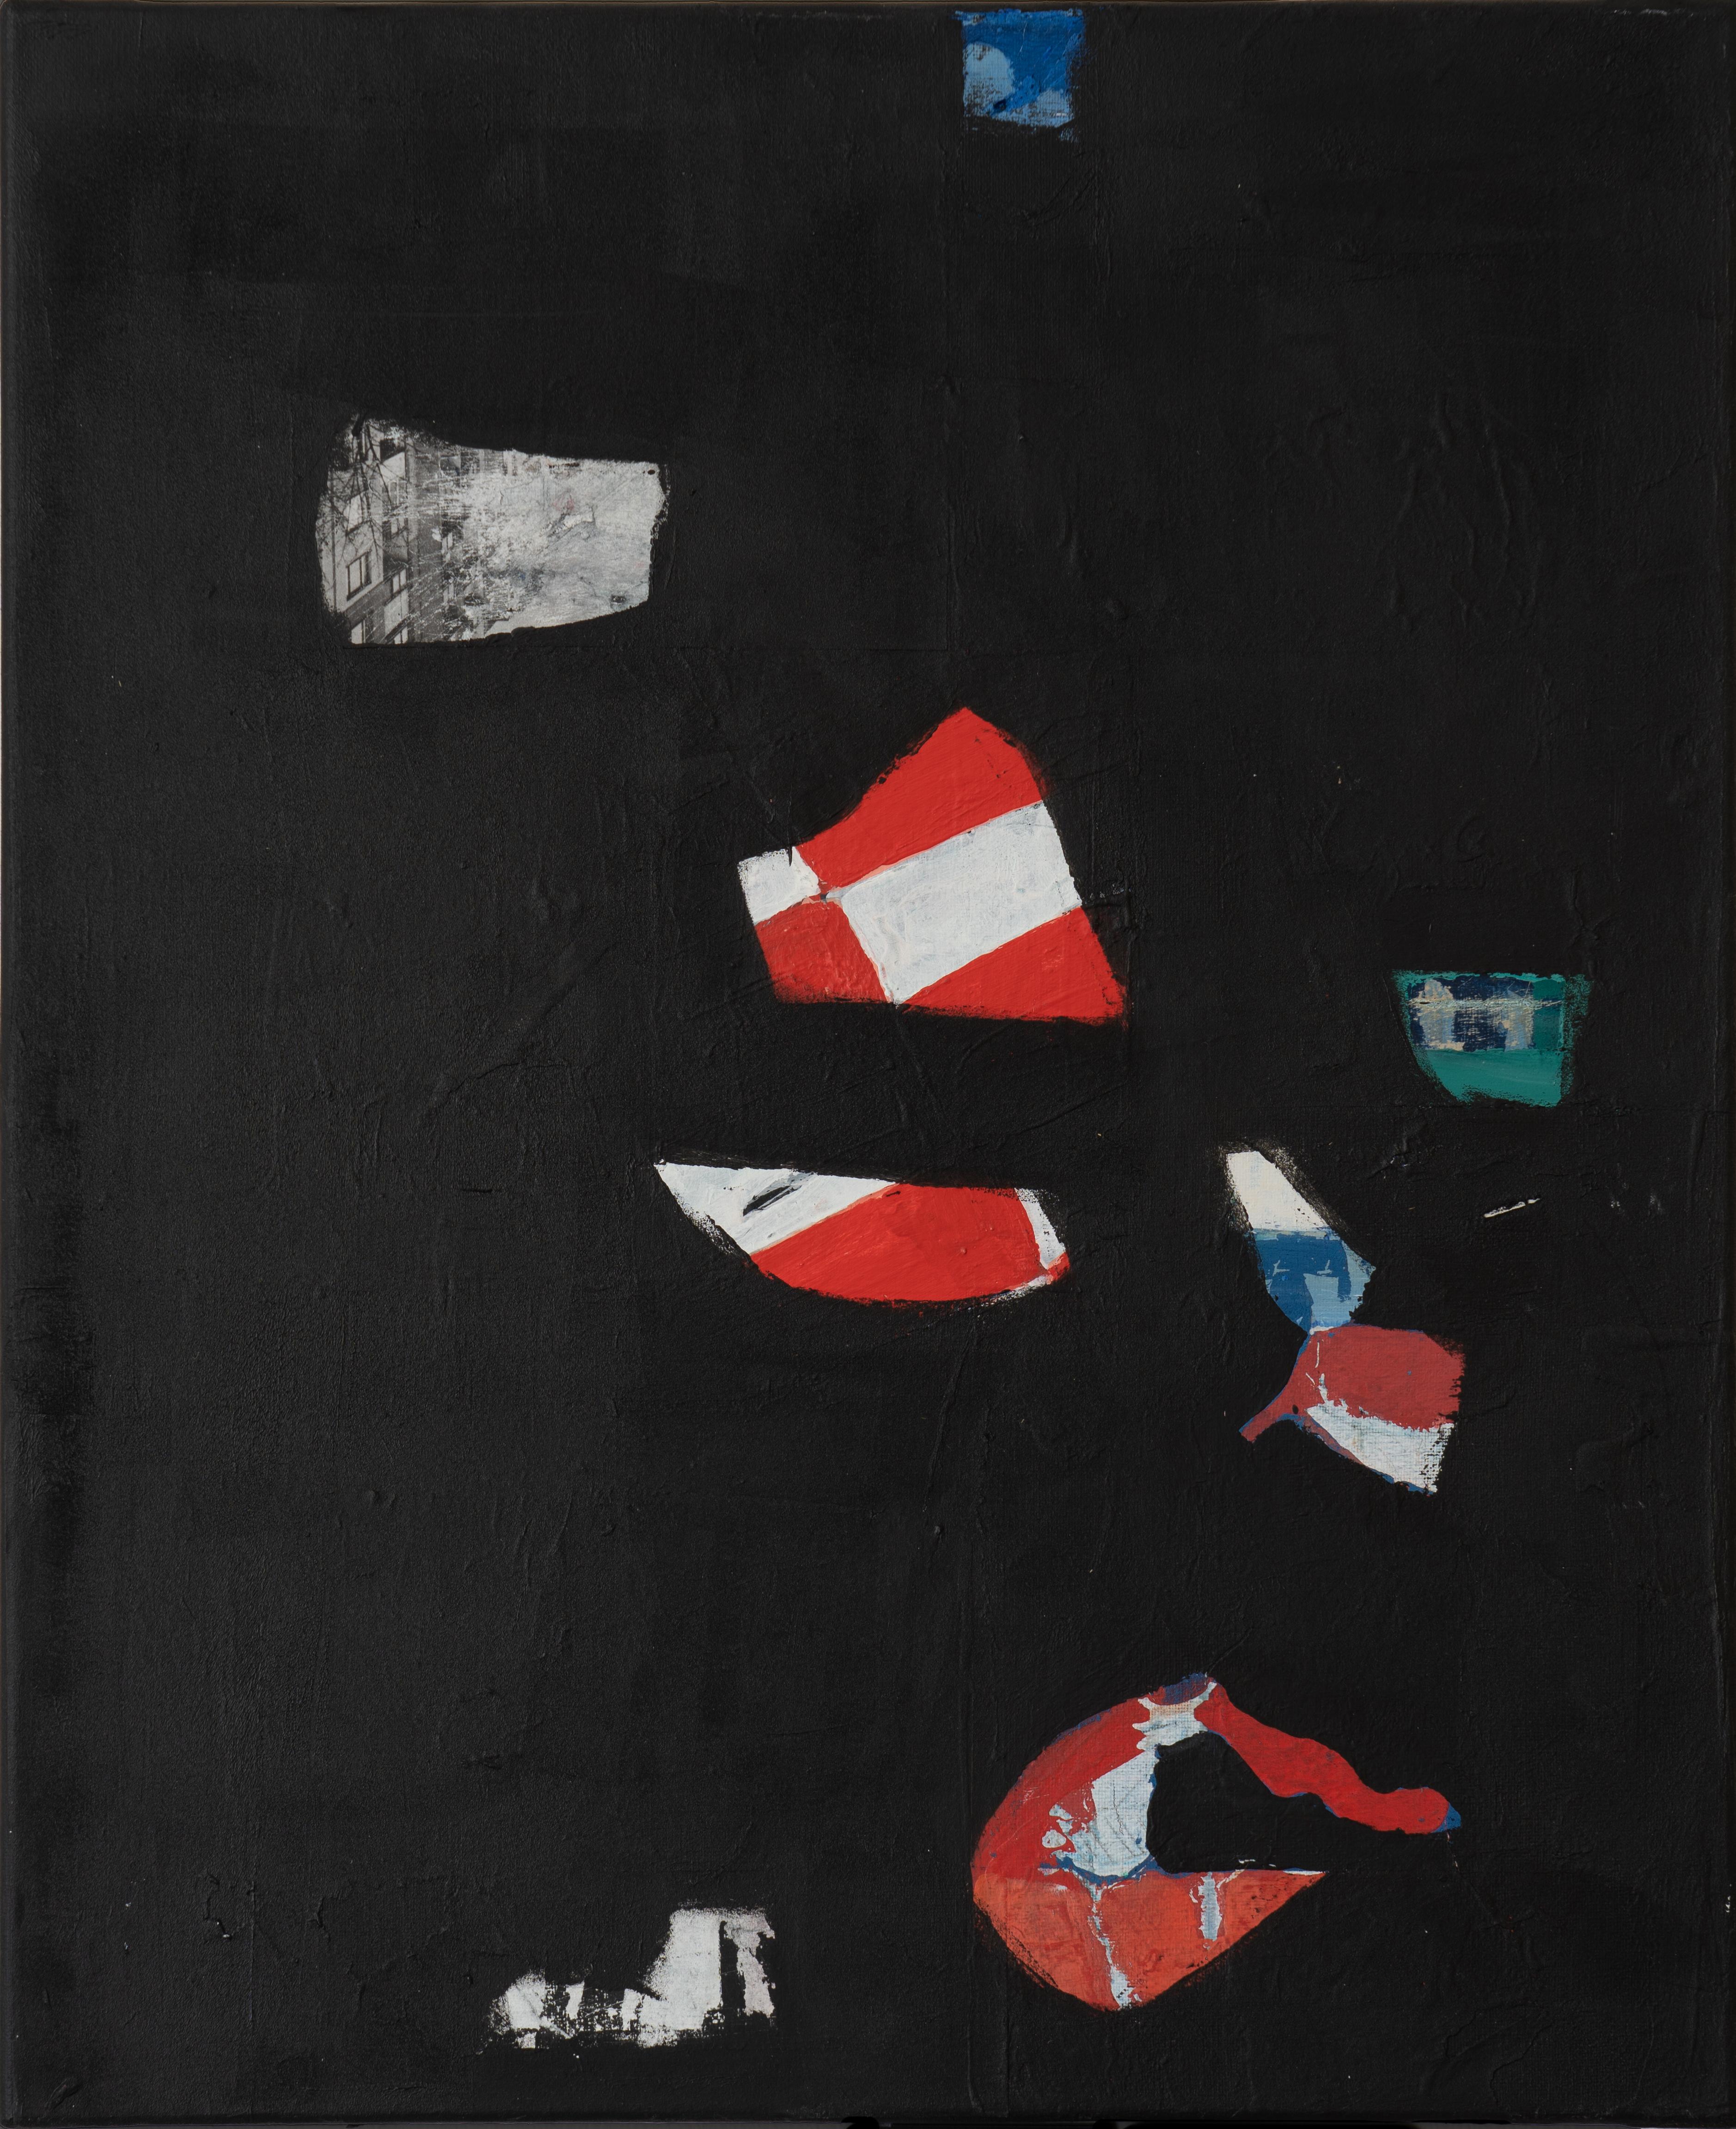 Acrylique et collage sur toile (50 x 60 cm) hommage Soulages